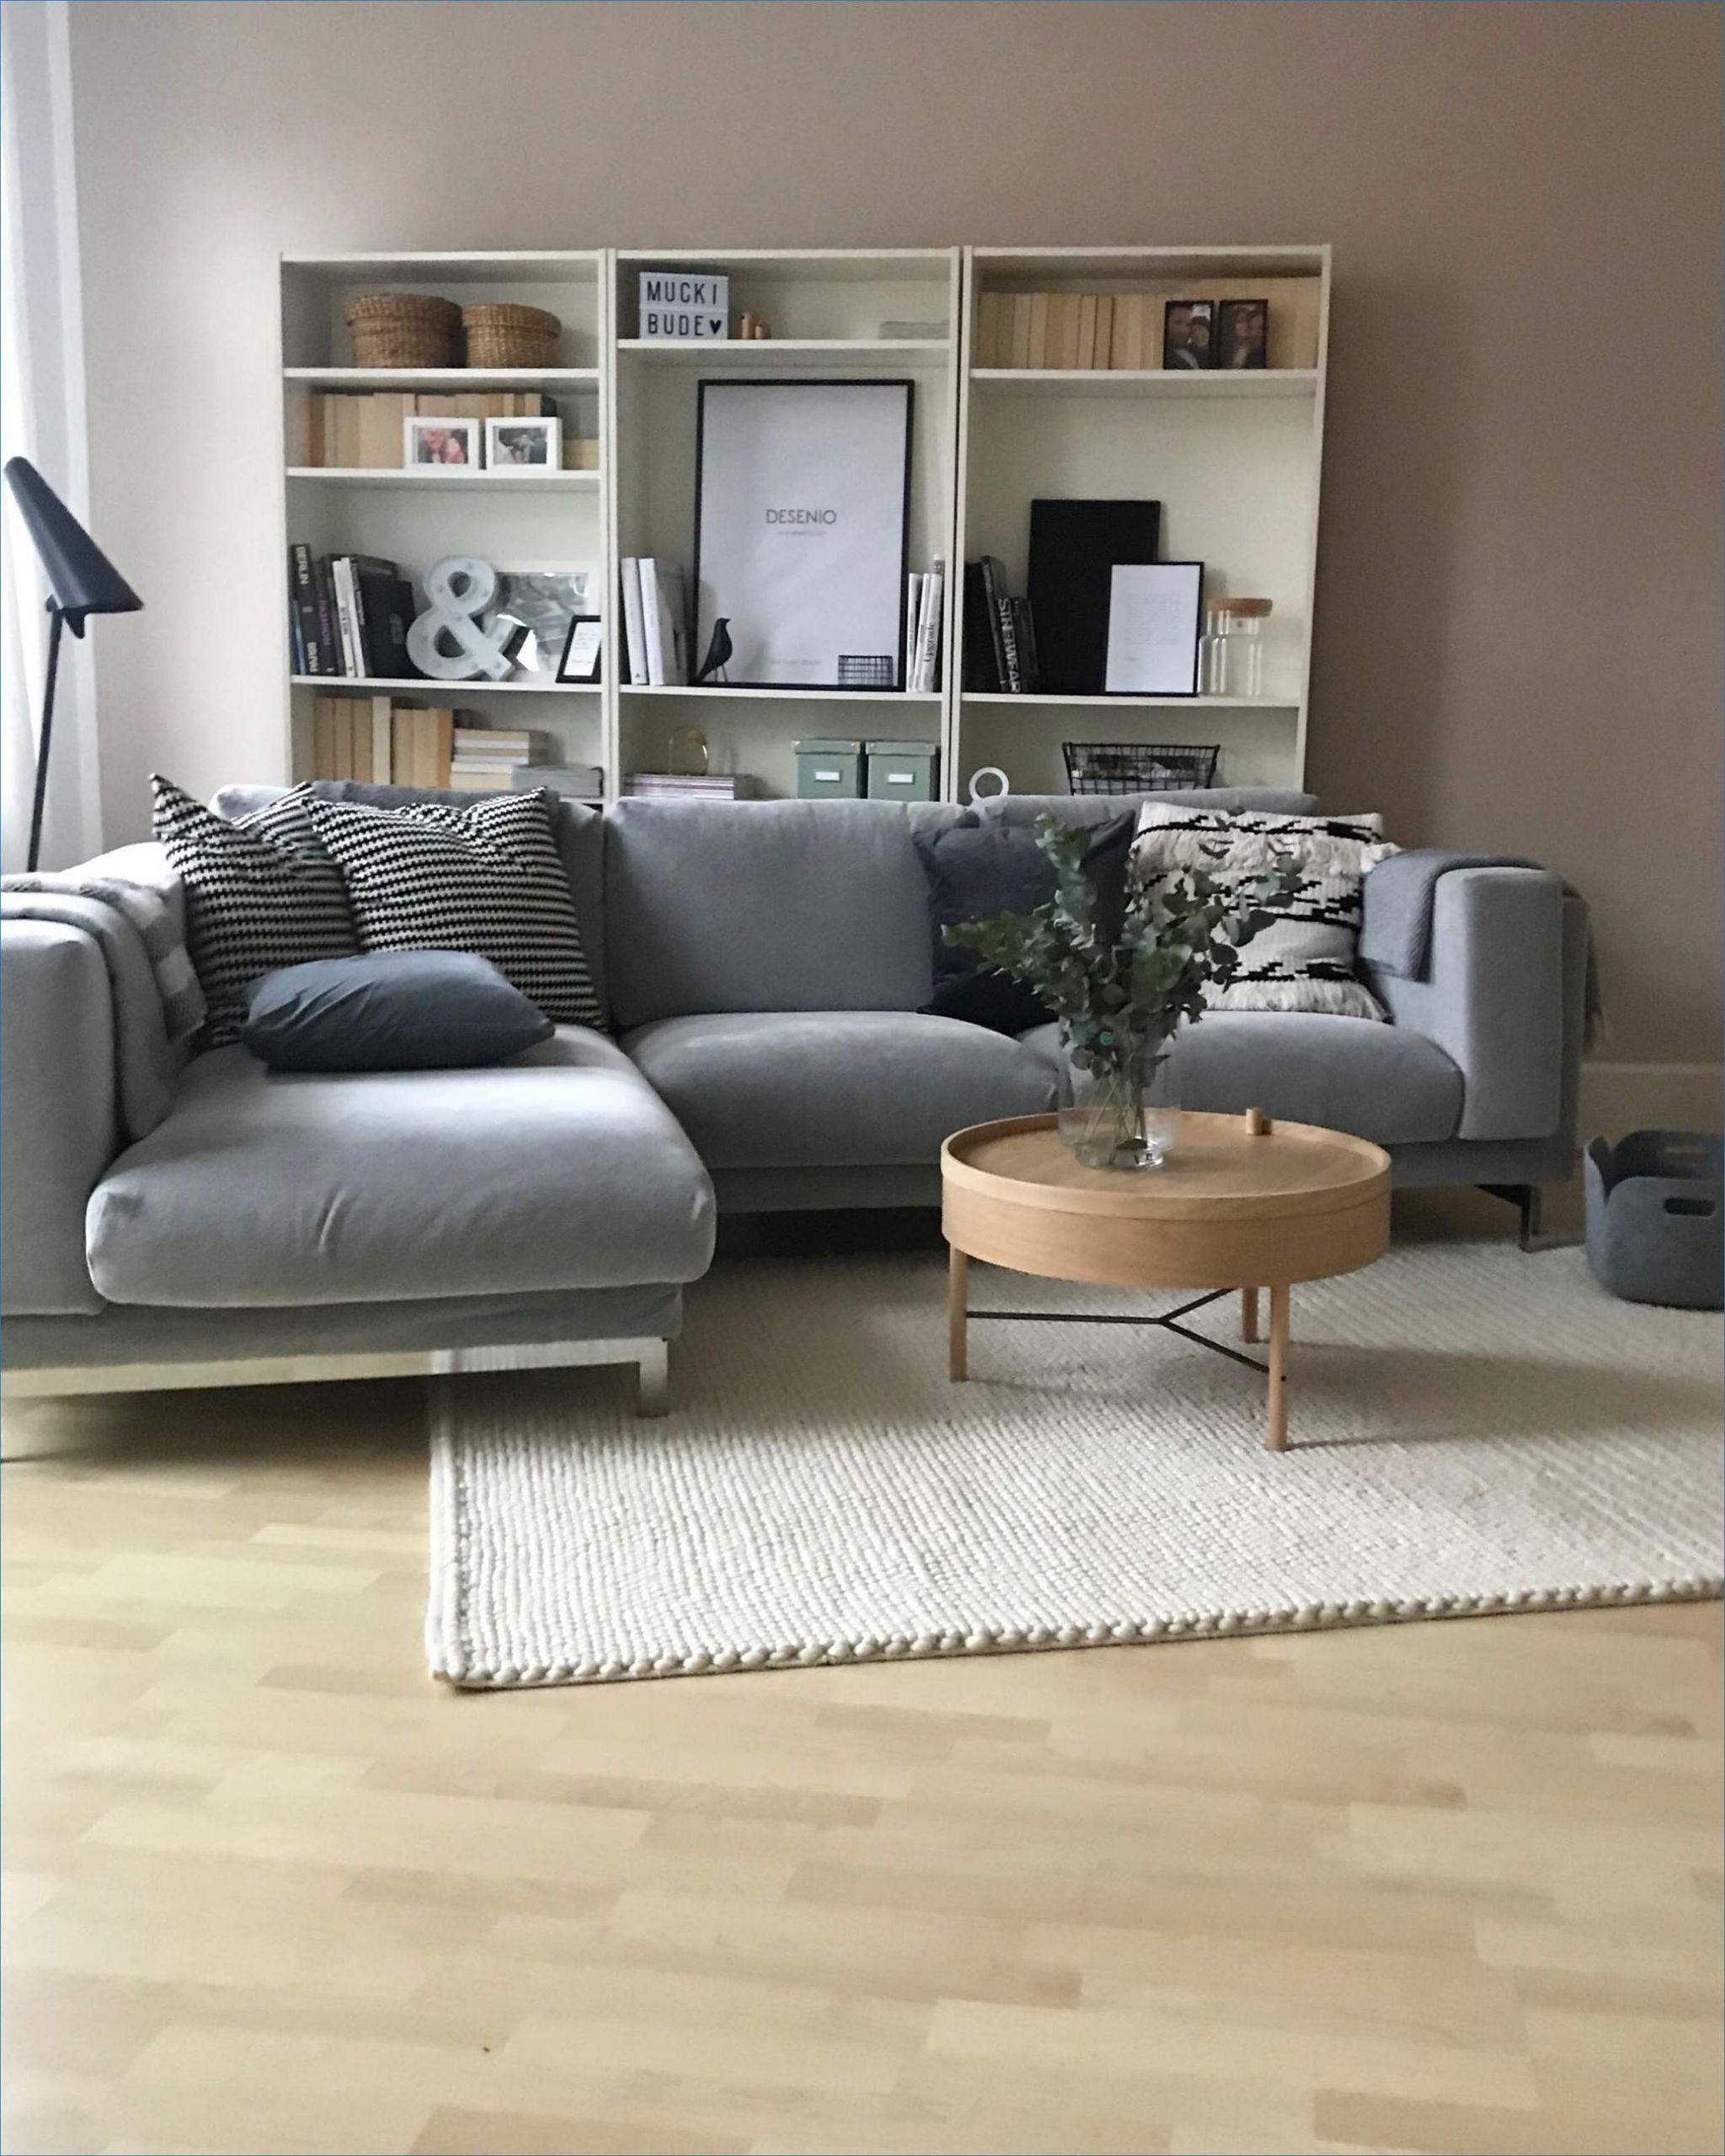 Wohnzimmer Deckenlampen Hängend